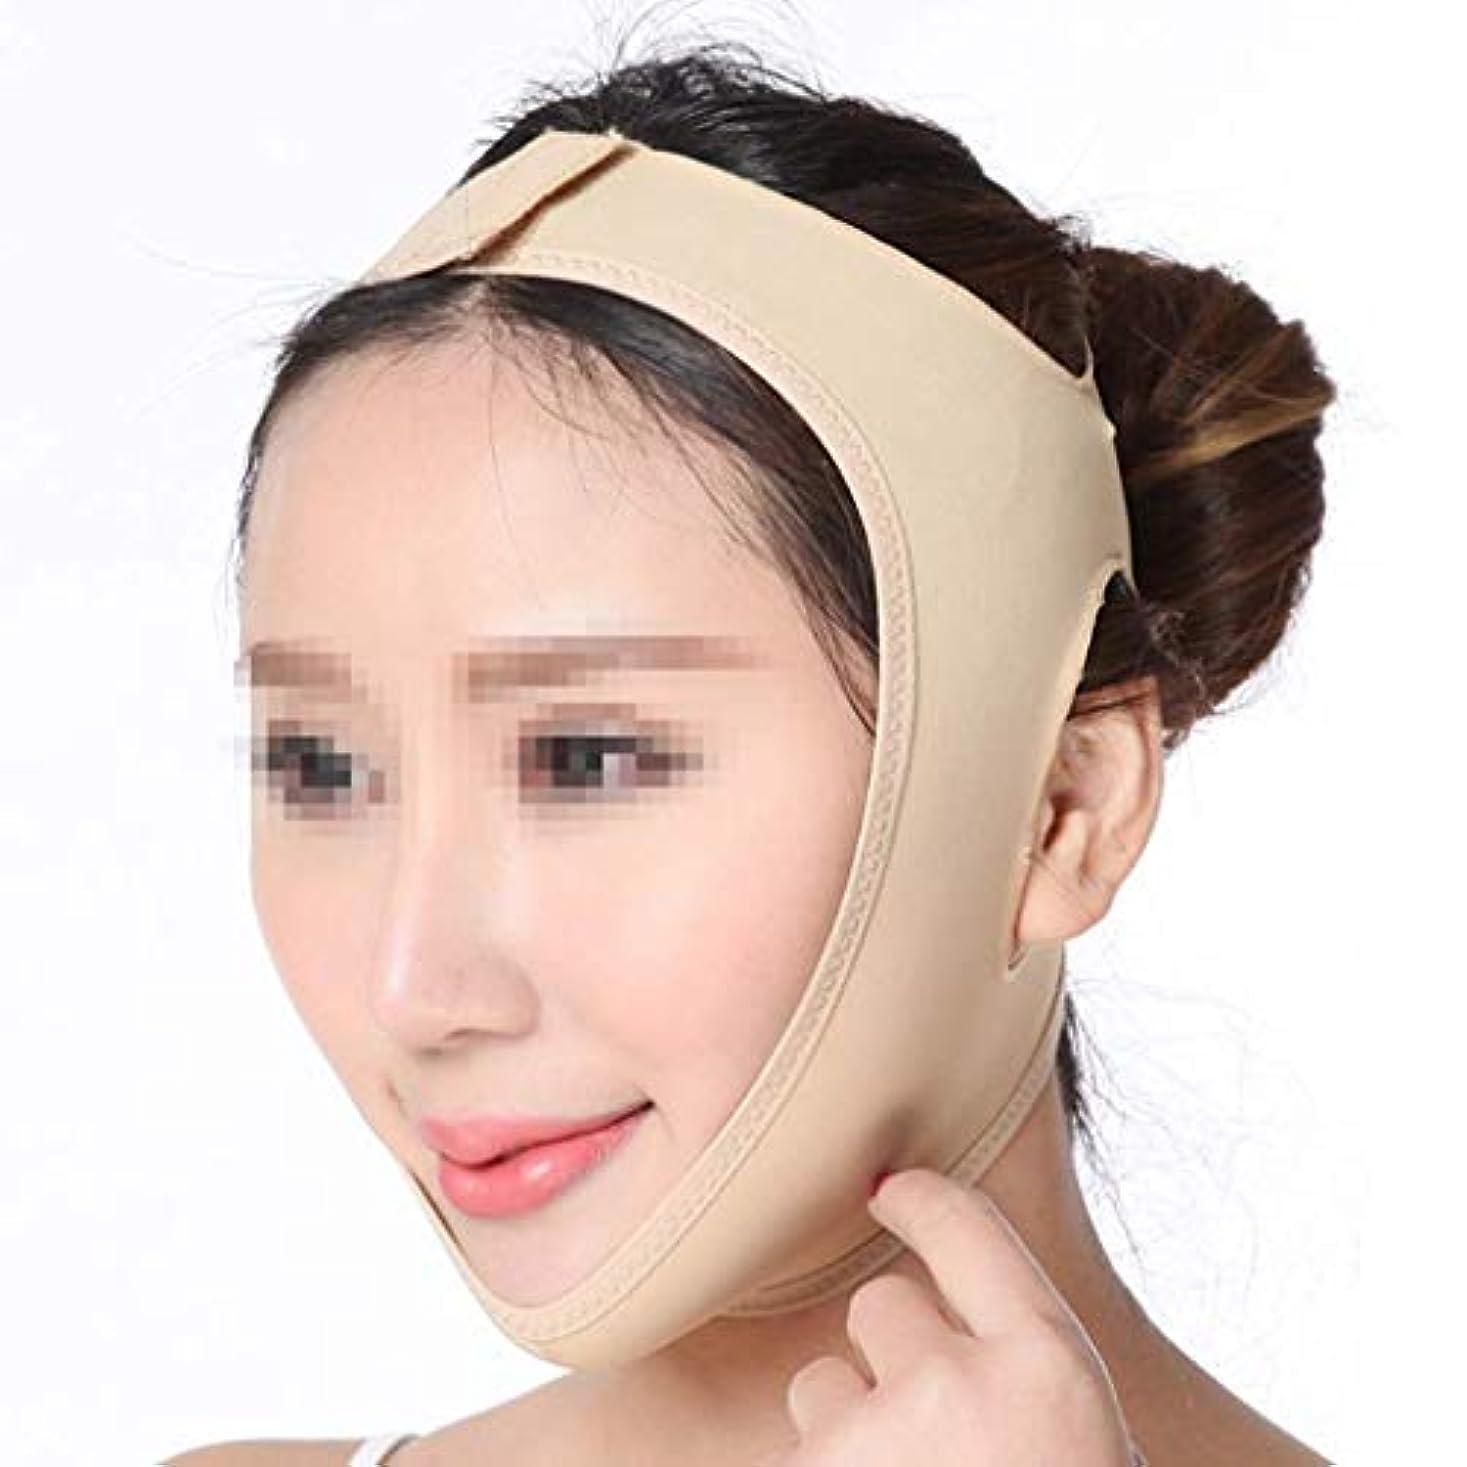 マニアモーター広告フェイスリフティング包帯、Vフェイスシンフェイスマスクフェイスリフティング包帯リフティングVフェイスマスク(サイズ:S)